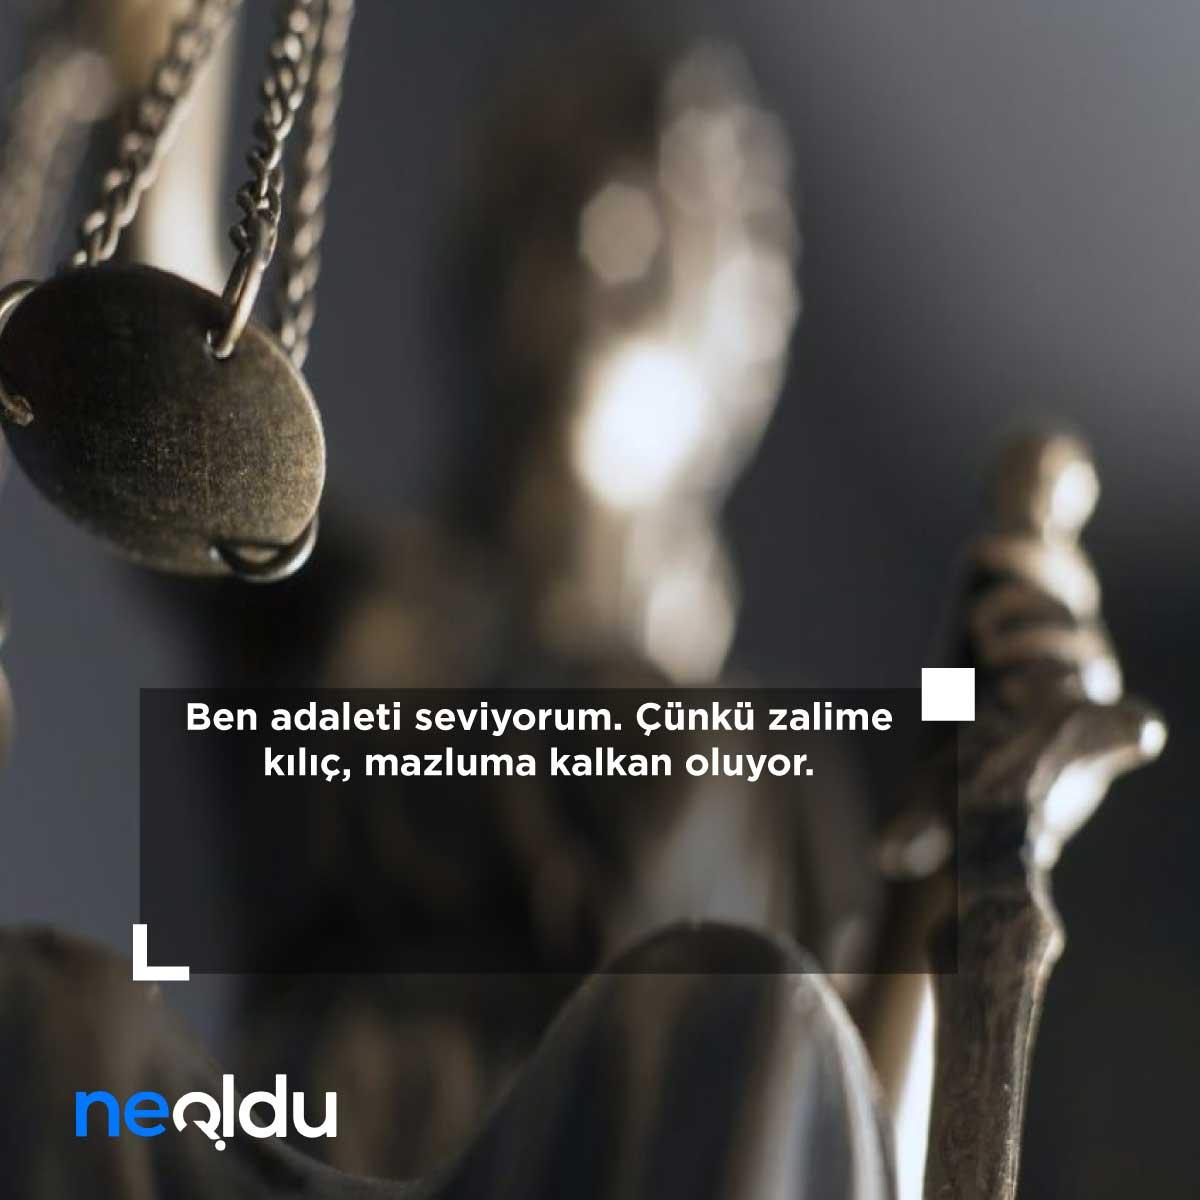 neoldu com